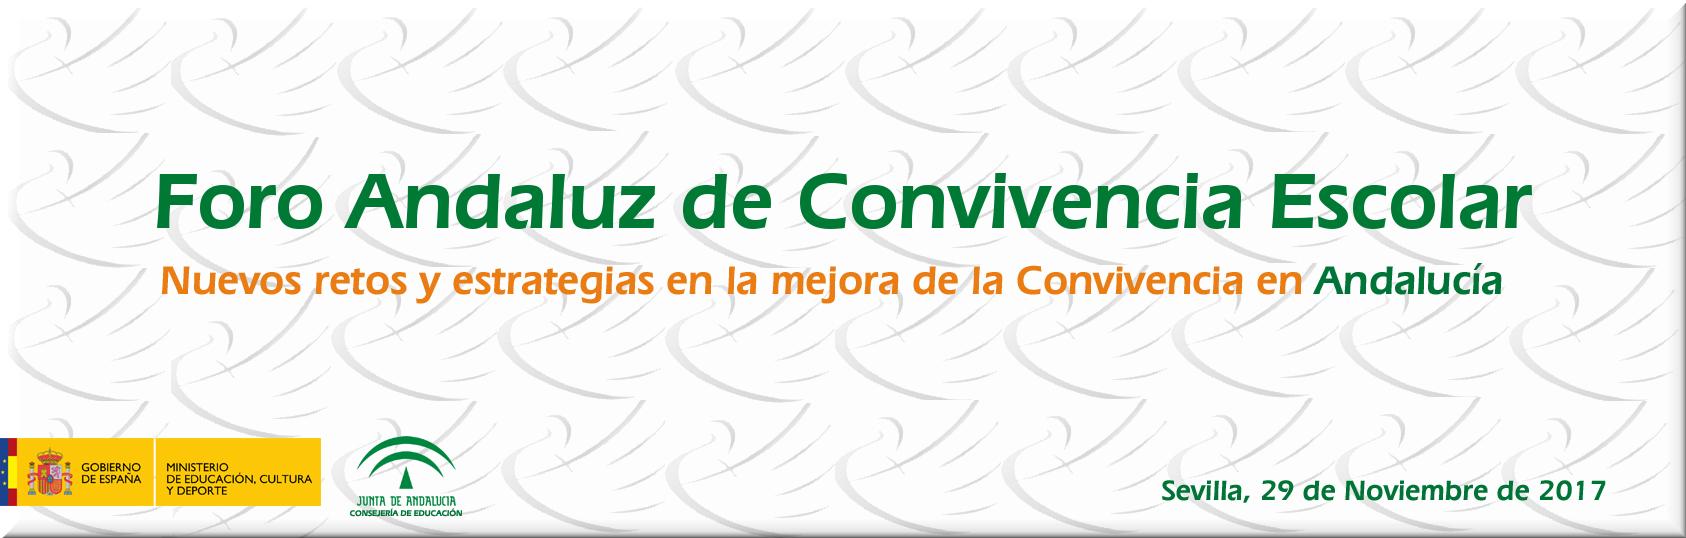 Logotipo Foro Andaluz Convivencia Escolar (LogoCongreso_Foro.png)